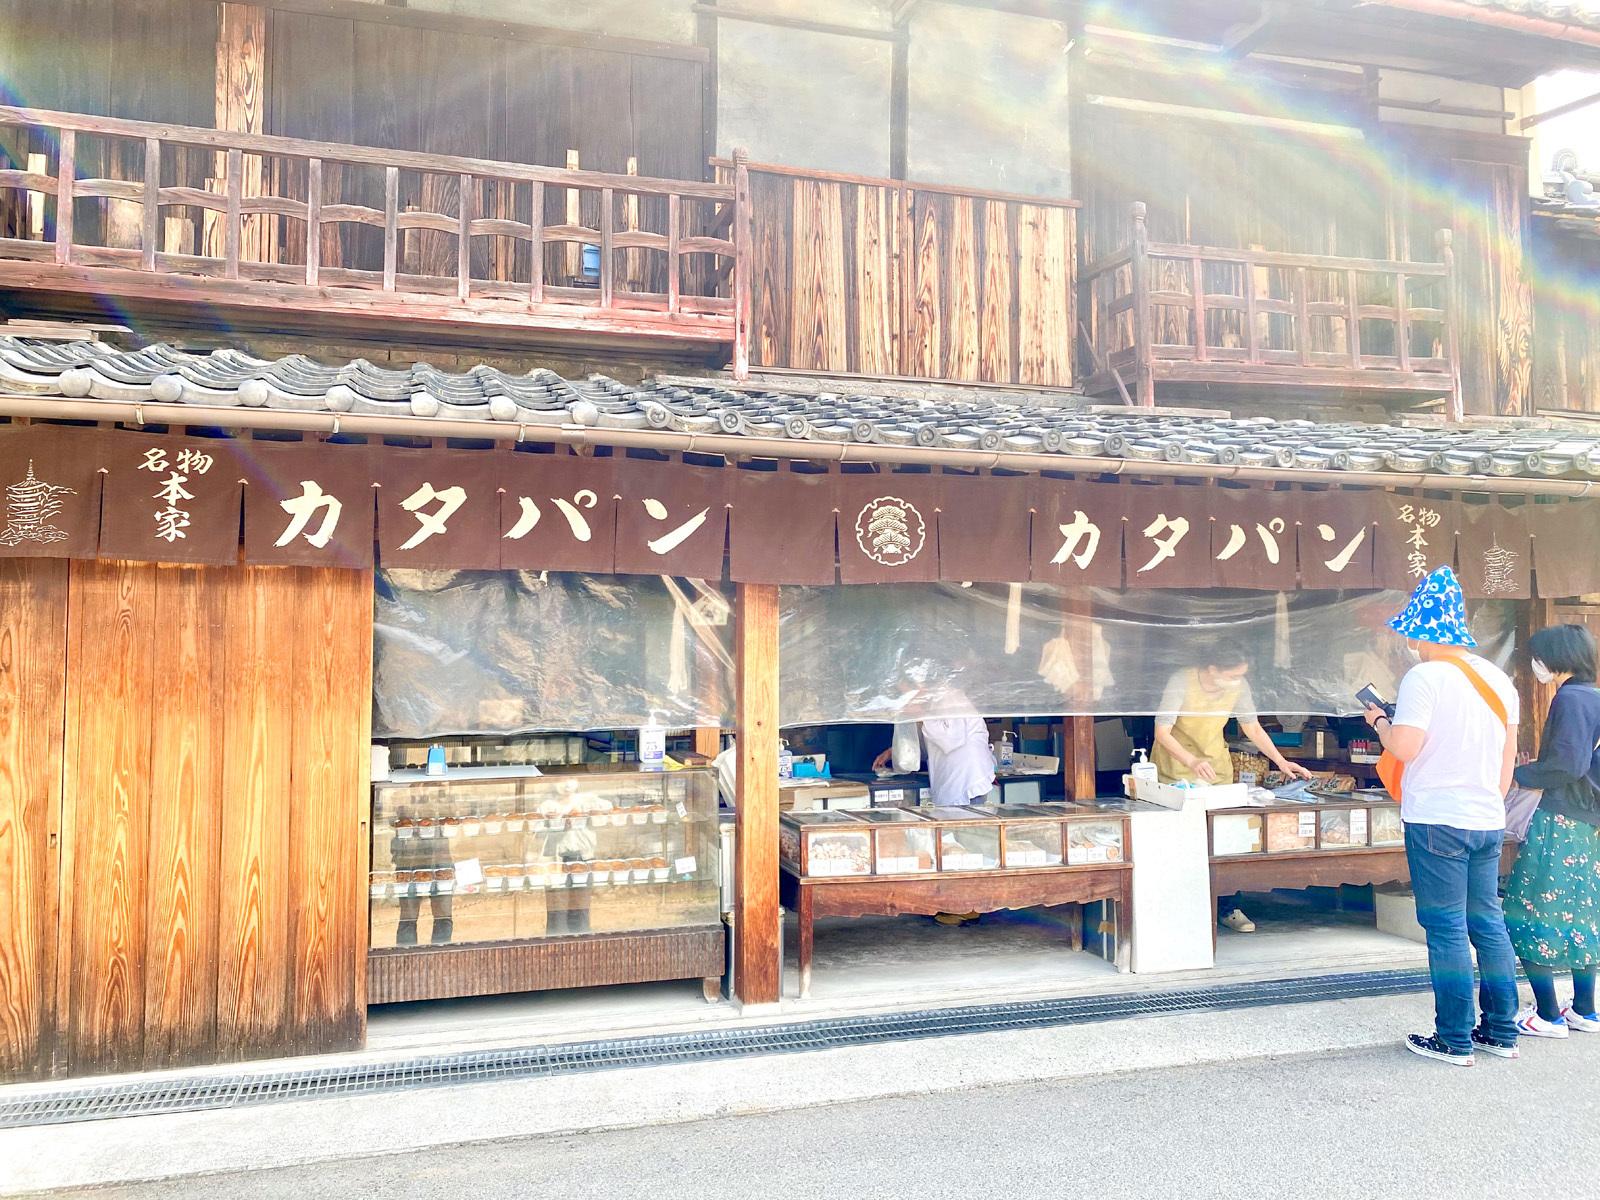 熊岡菓子店 02 店舗